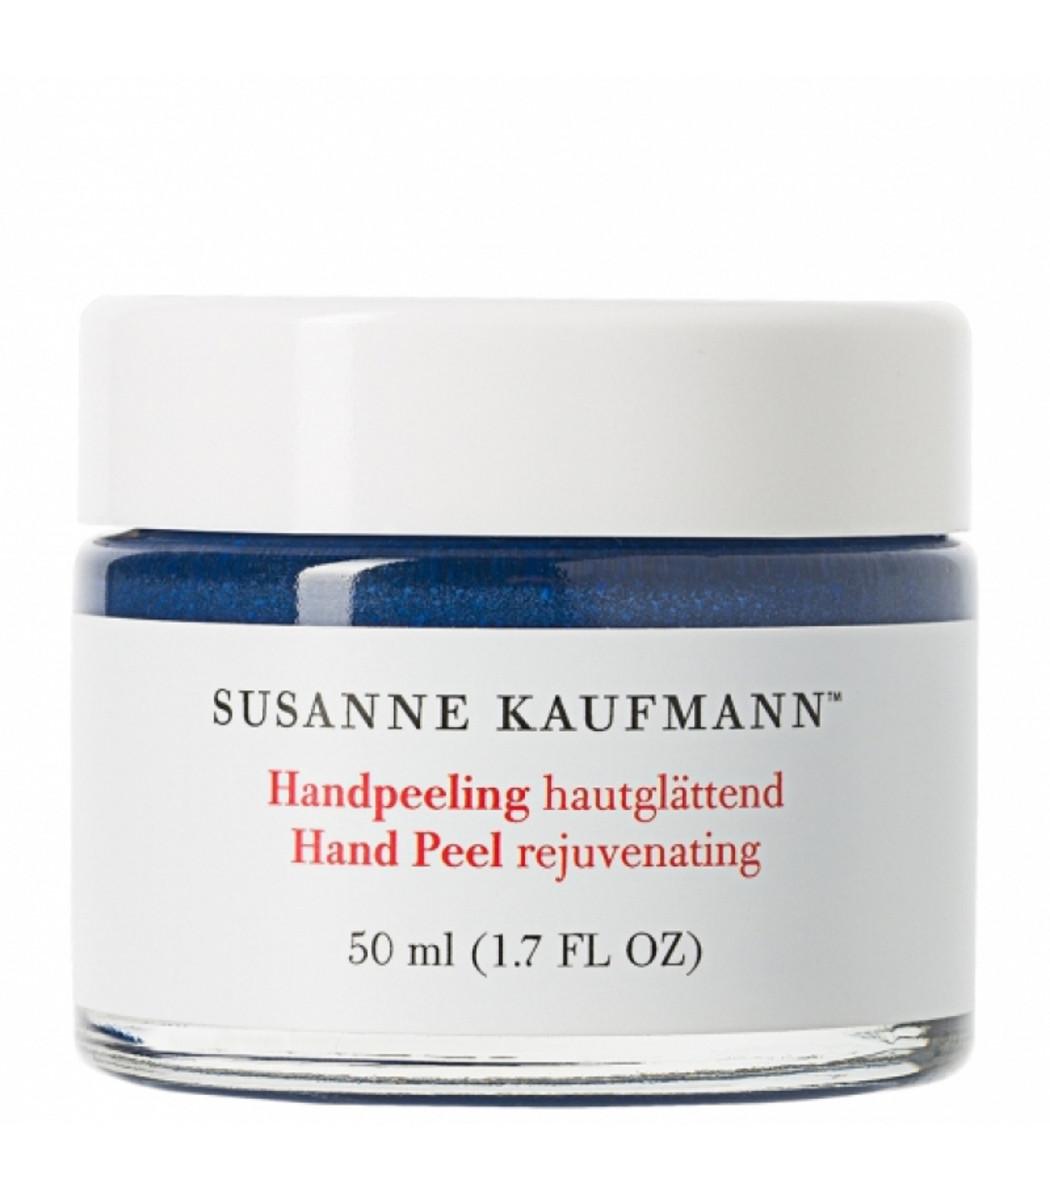 SUSANNE KAUFMANN Hand Peel Rejuvenating